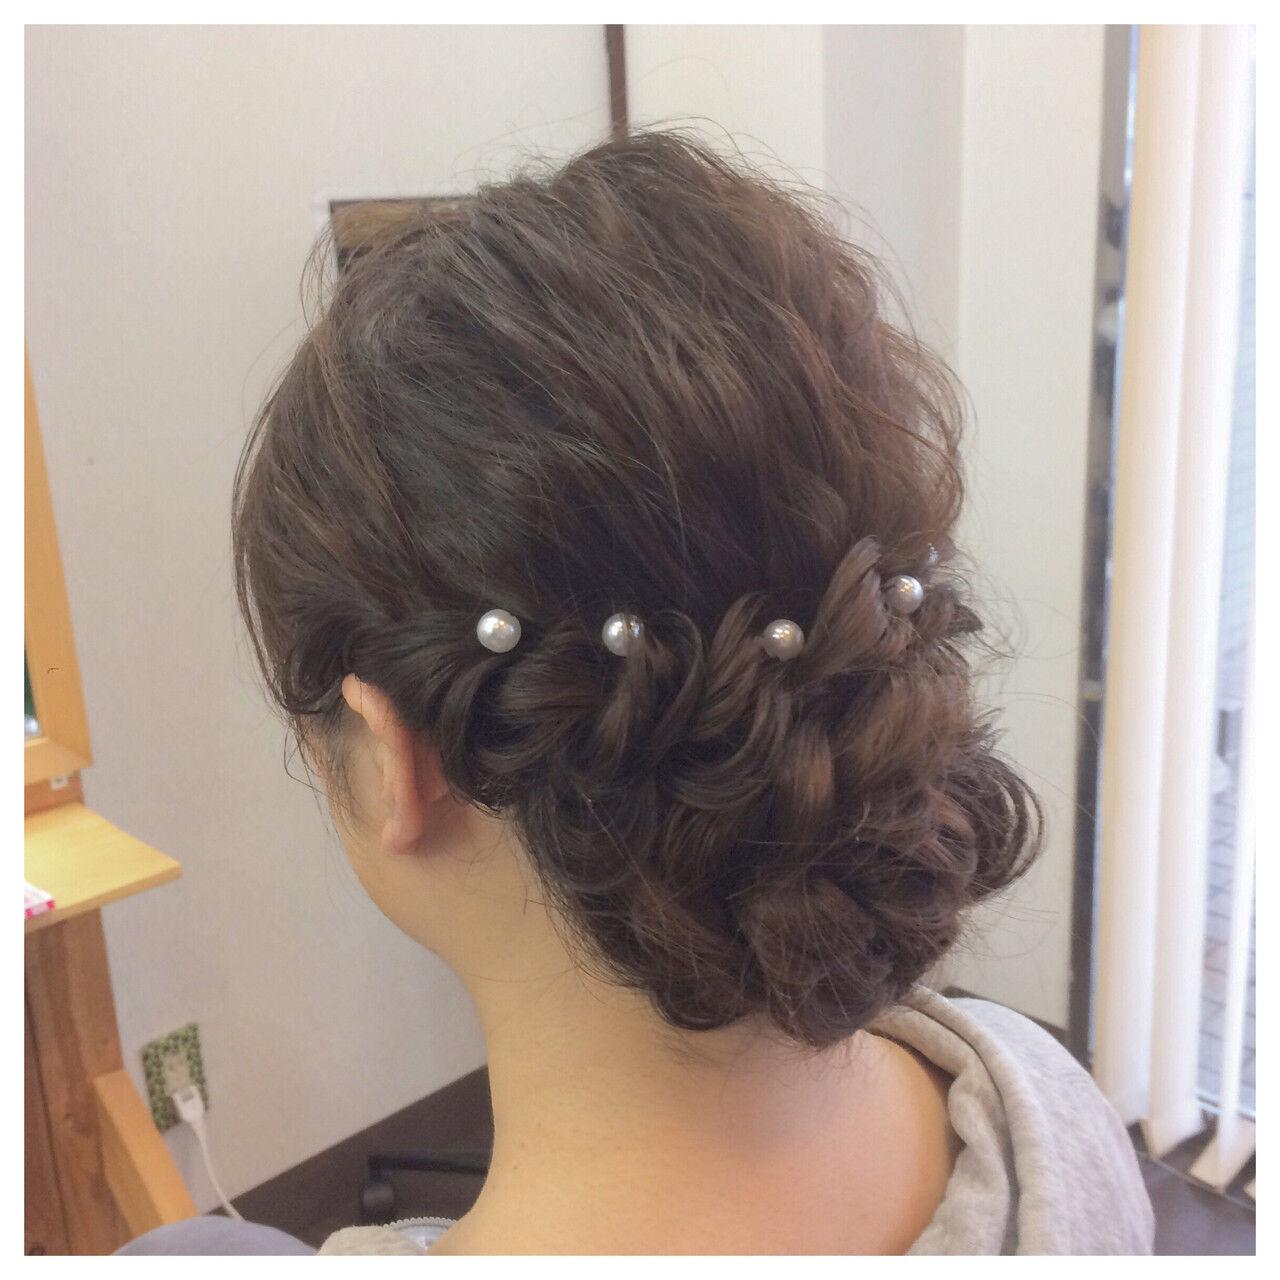 和装 セミロング 上品 簡単ヘアアレンジヘアスタイルや髪型の写真・画像